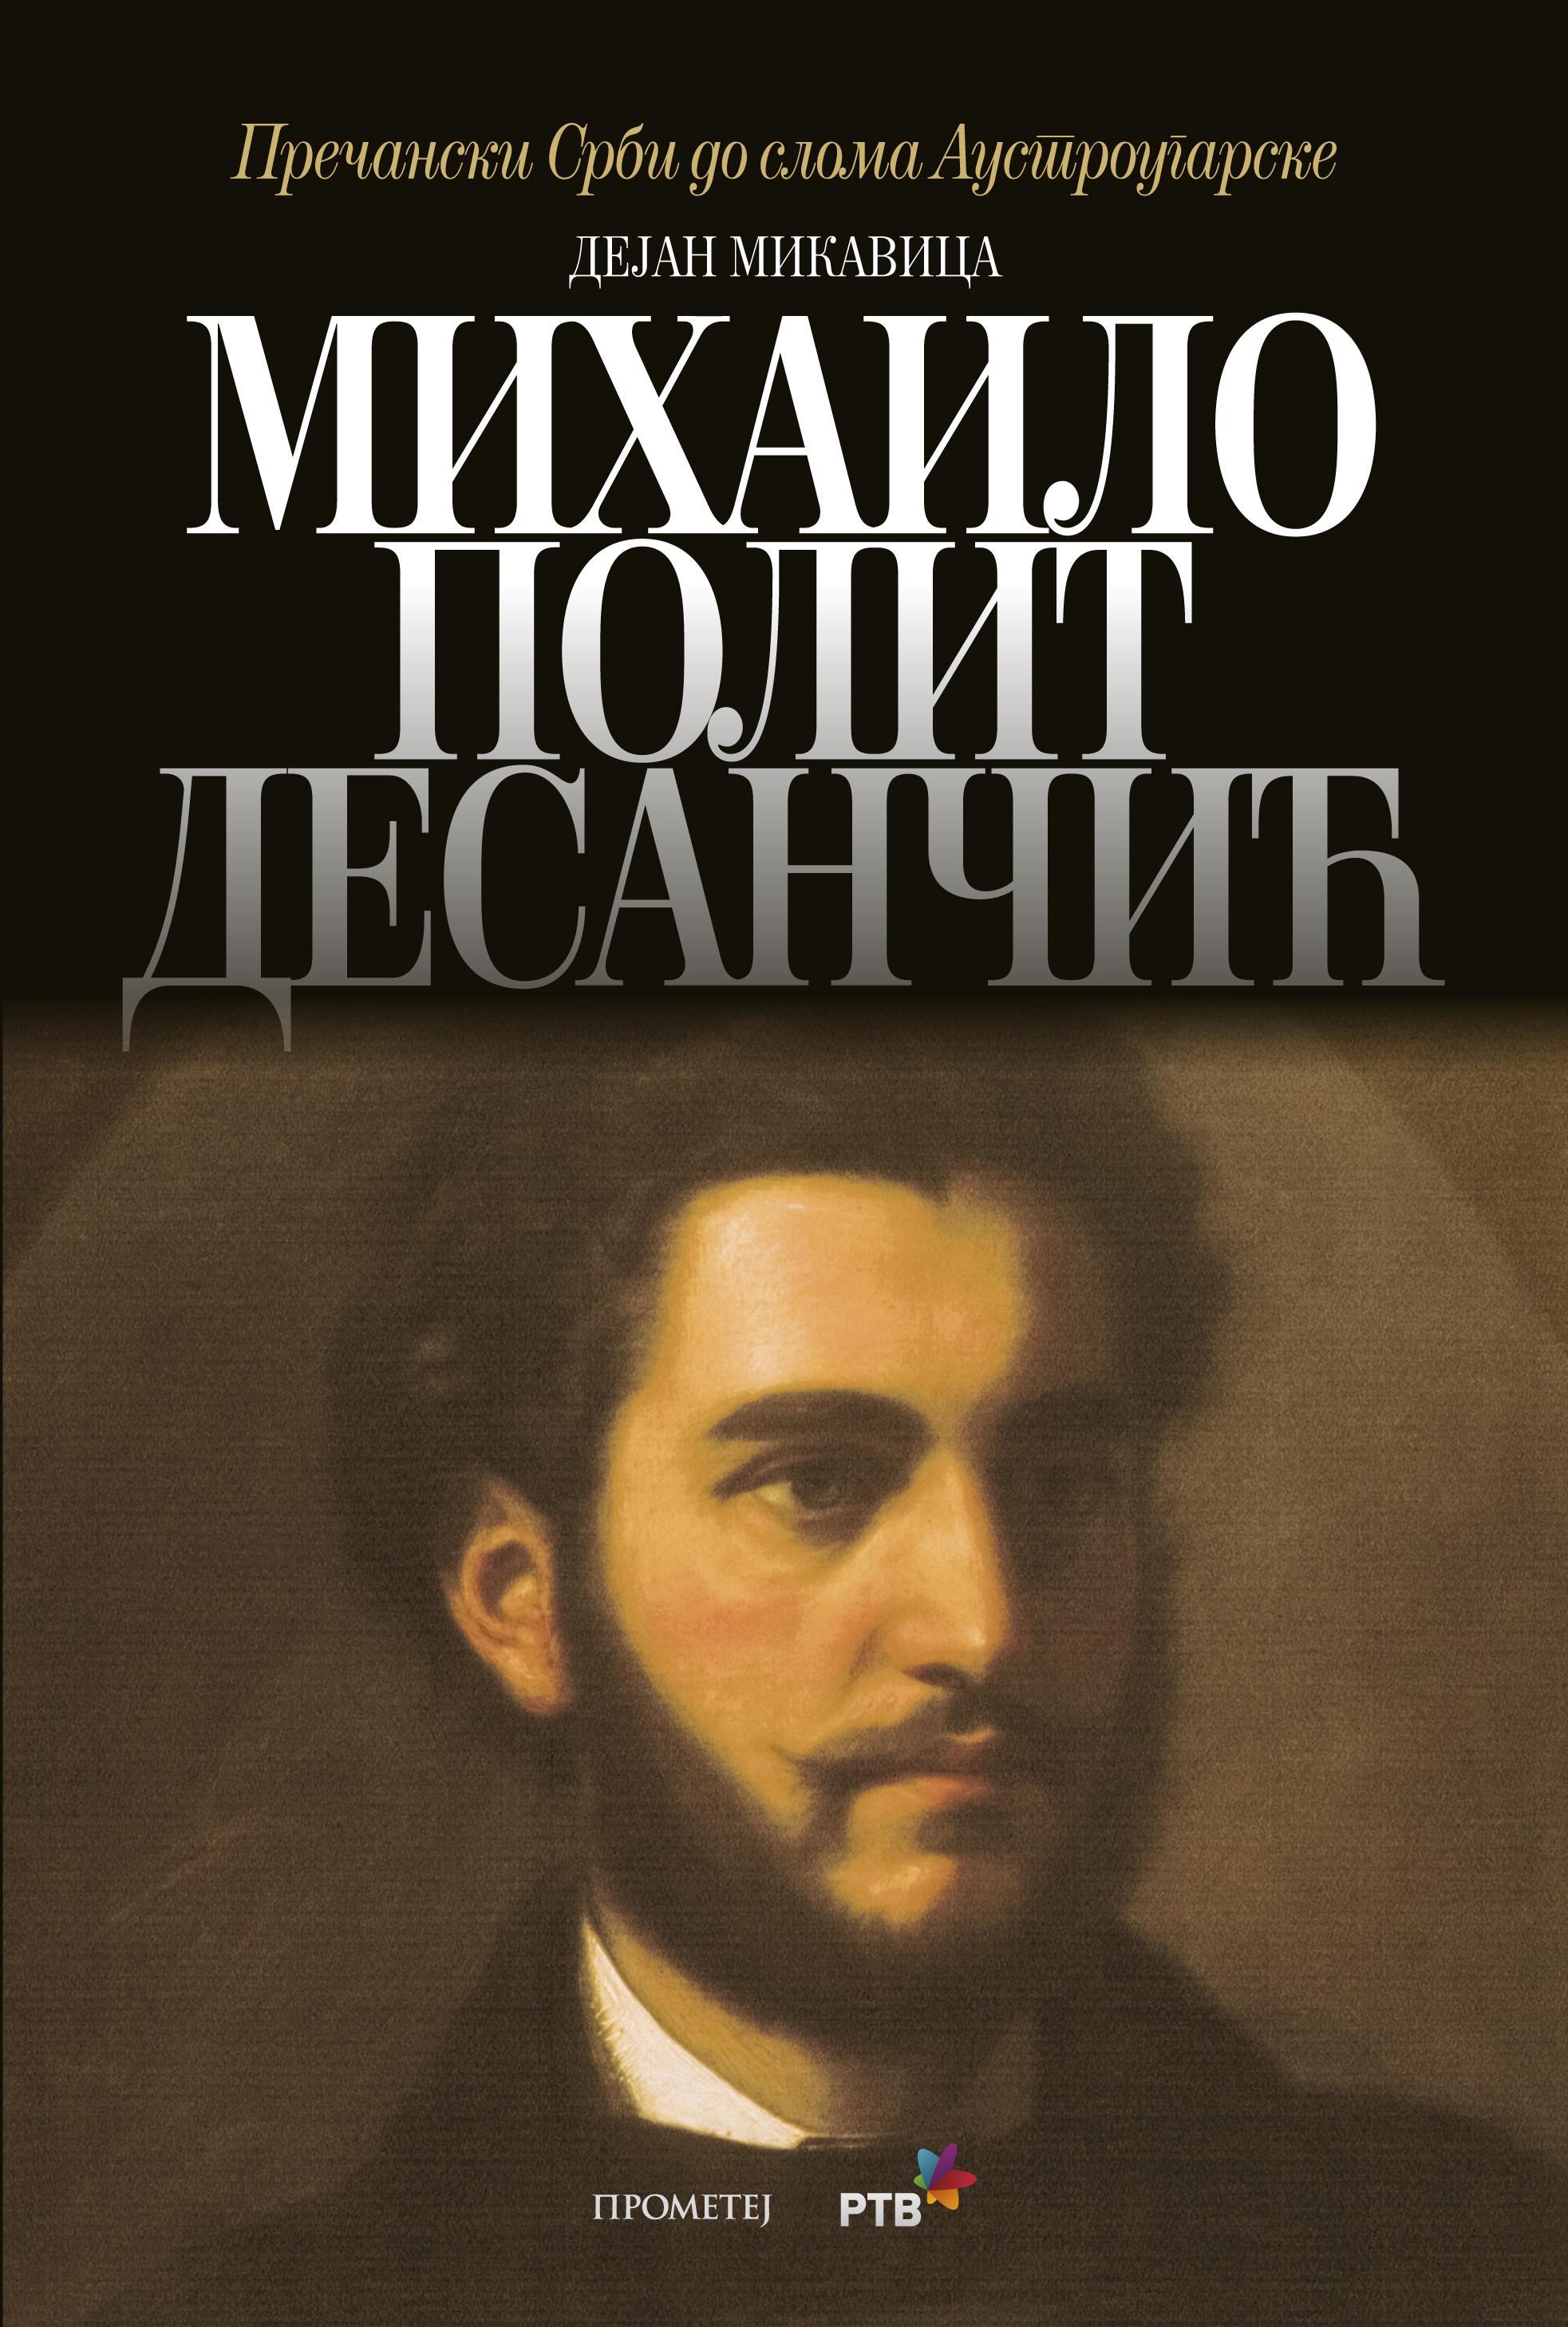 Михаило Полит Десанчић